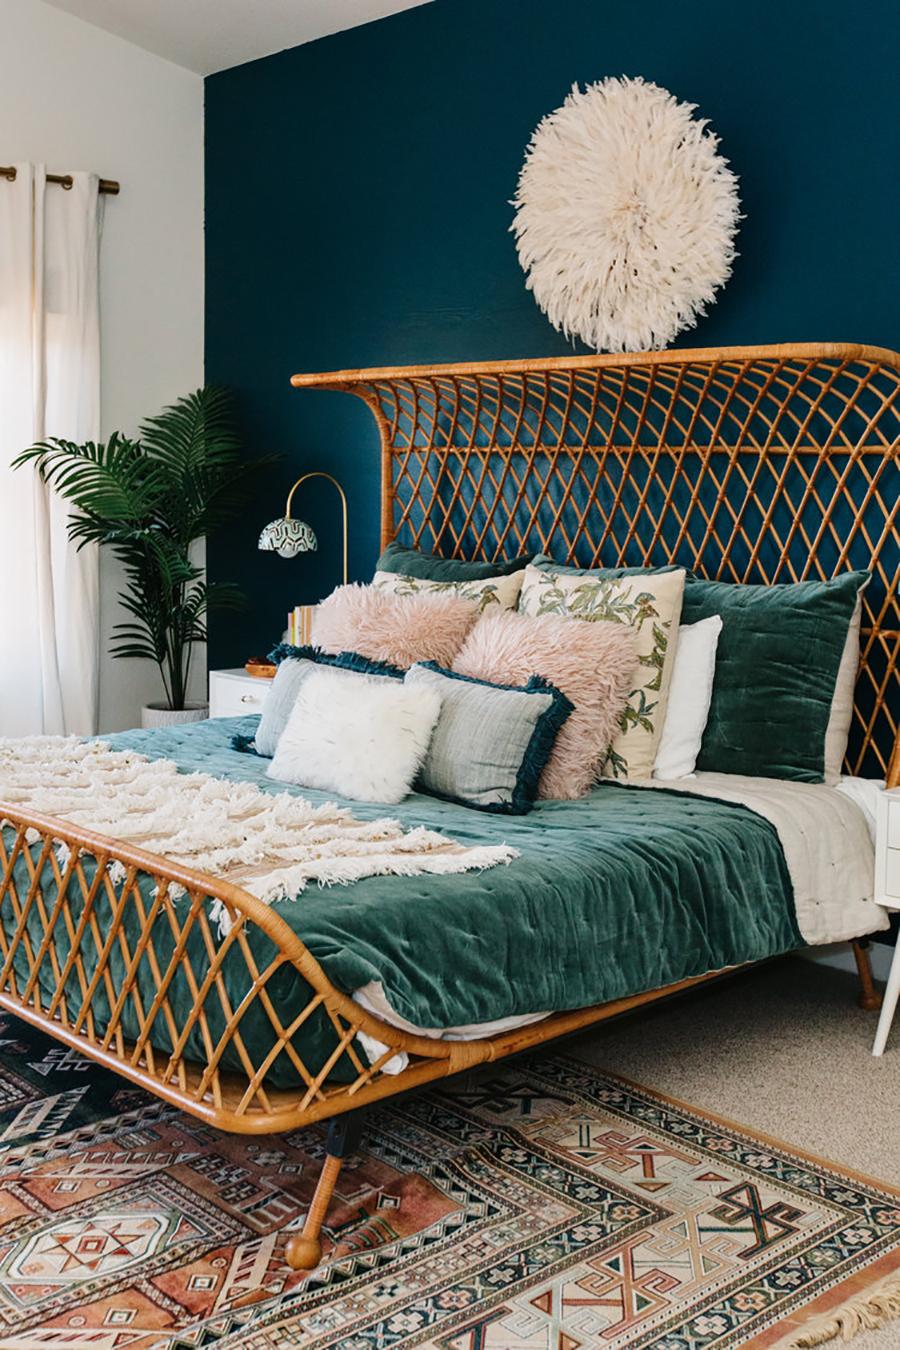 dormitorio look vintage: cama con respaldo de cannage y cubrecama de terciopelo